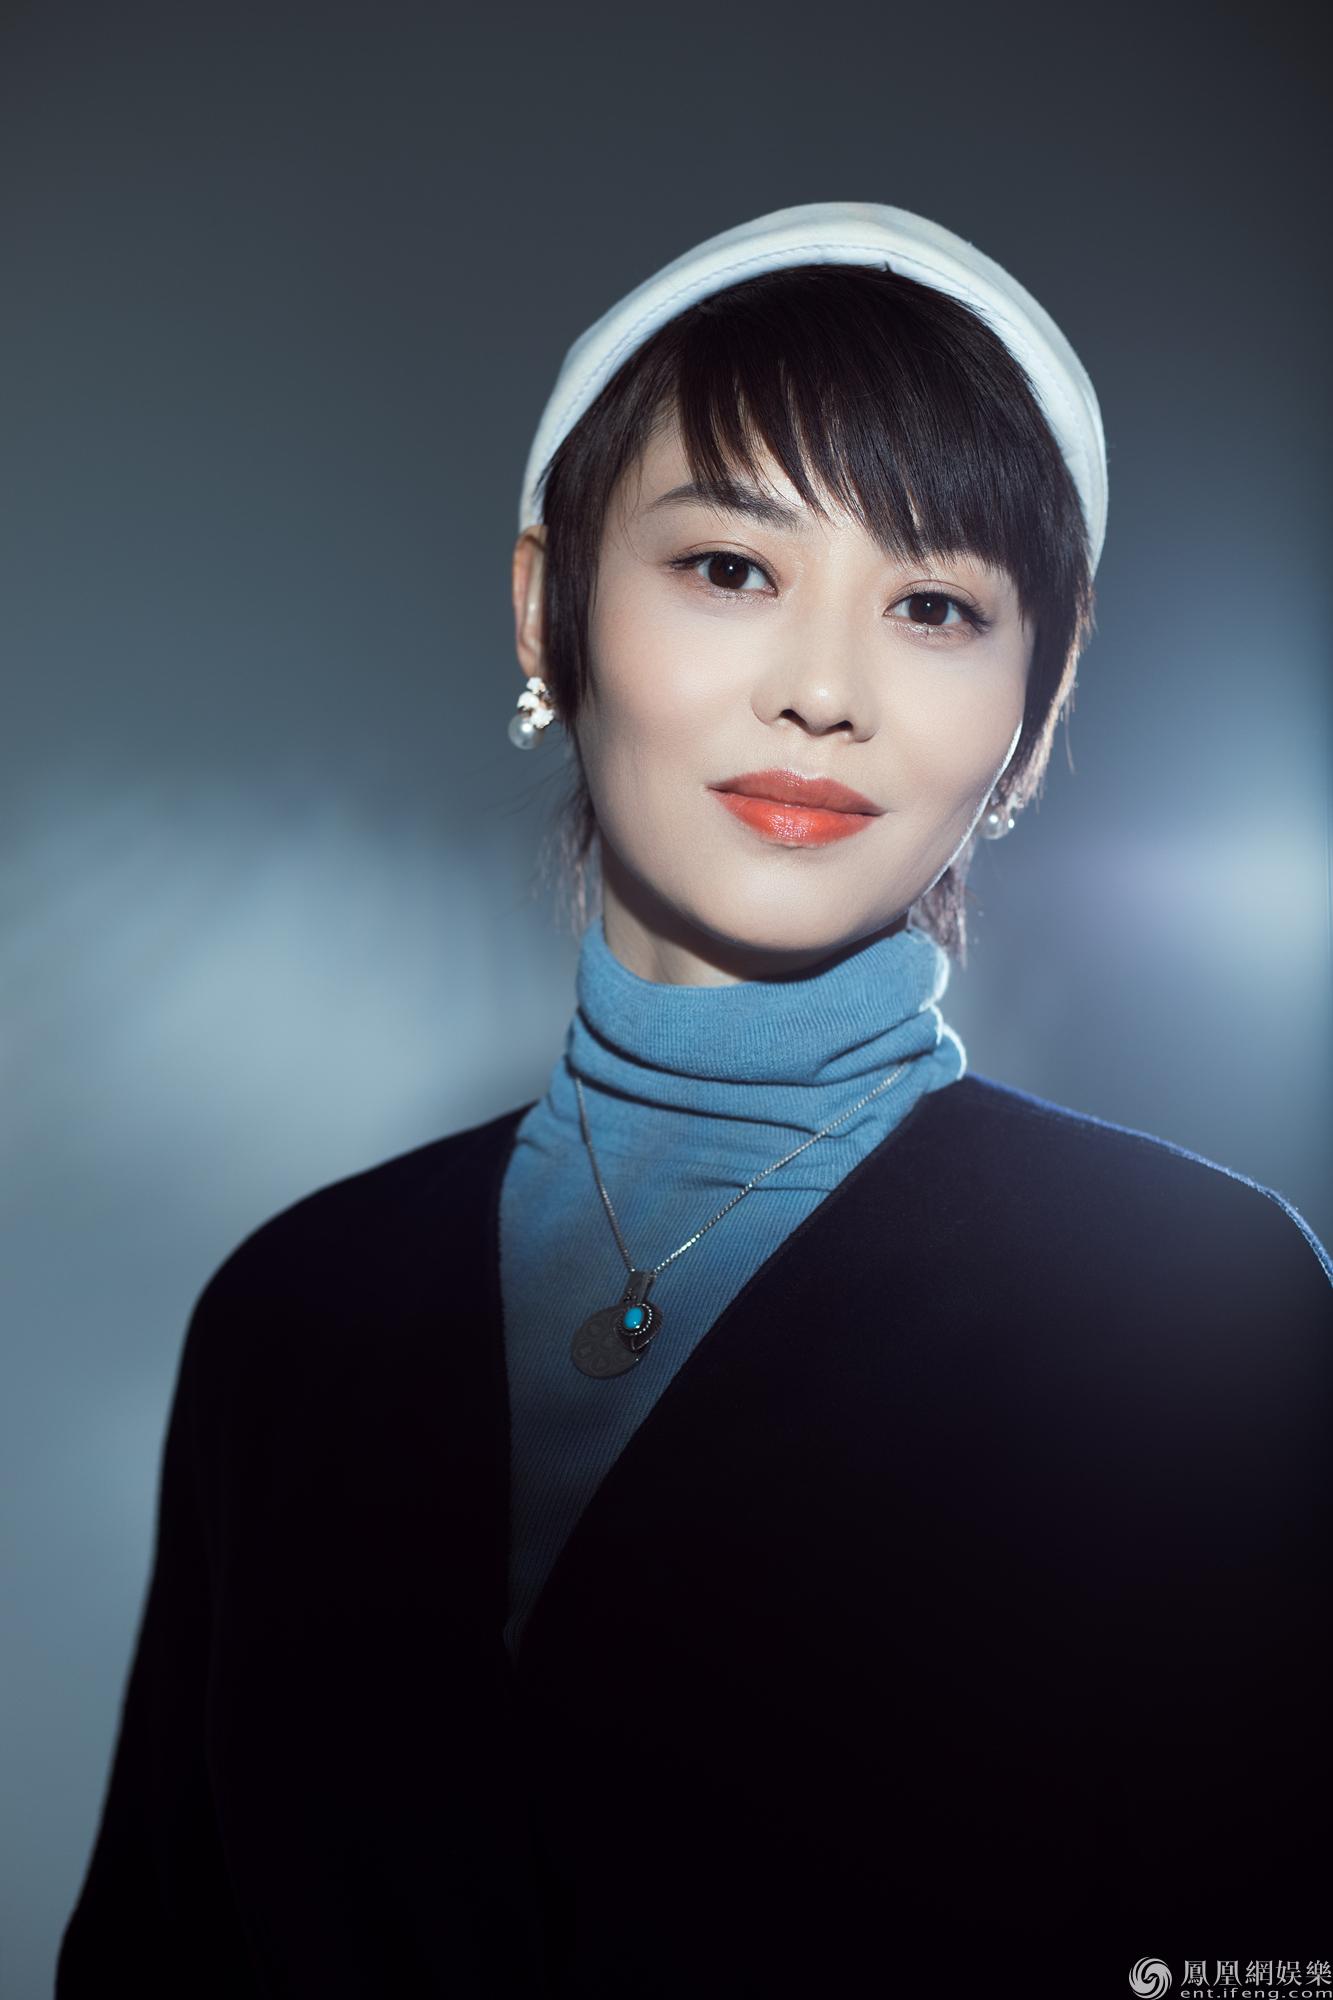 亢竹青新曲驚艷上線陣容吸睛 周筆暢鄧倫獻聲致敬北京